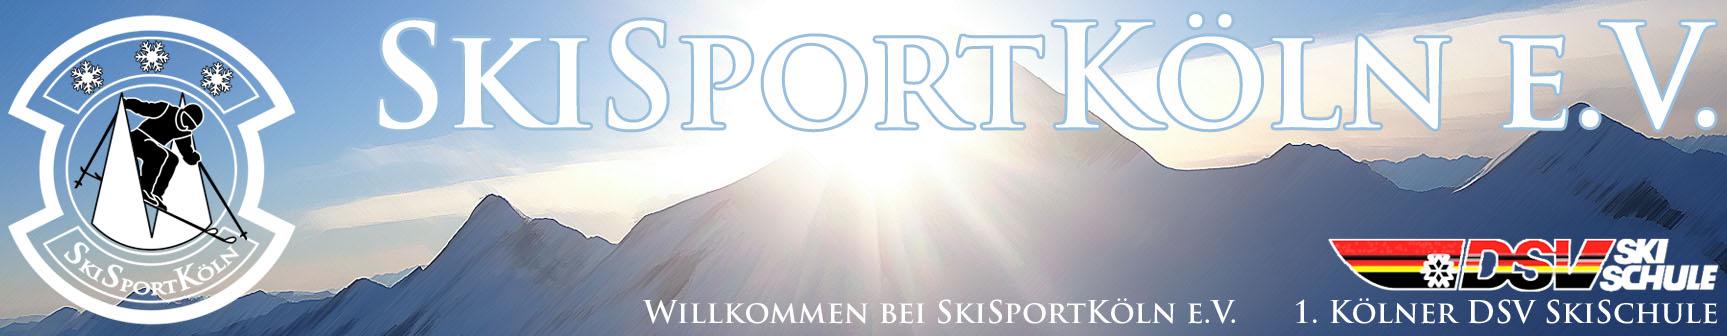 SkiSportKöln e.V.